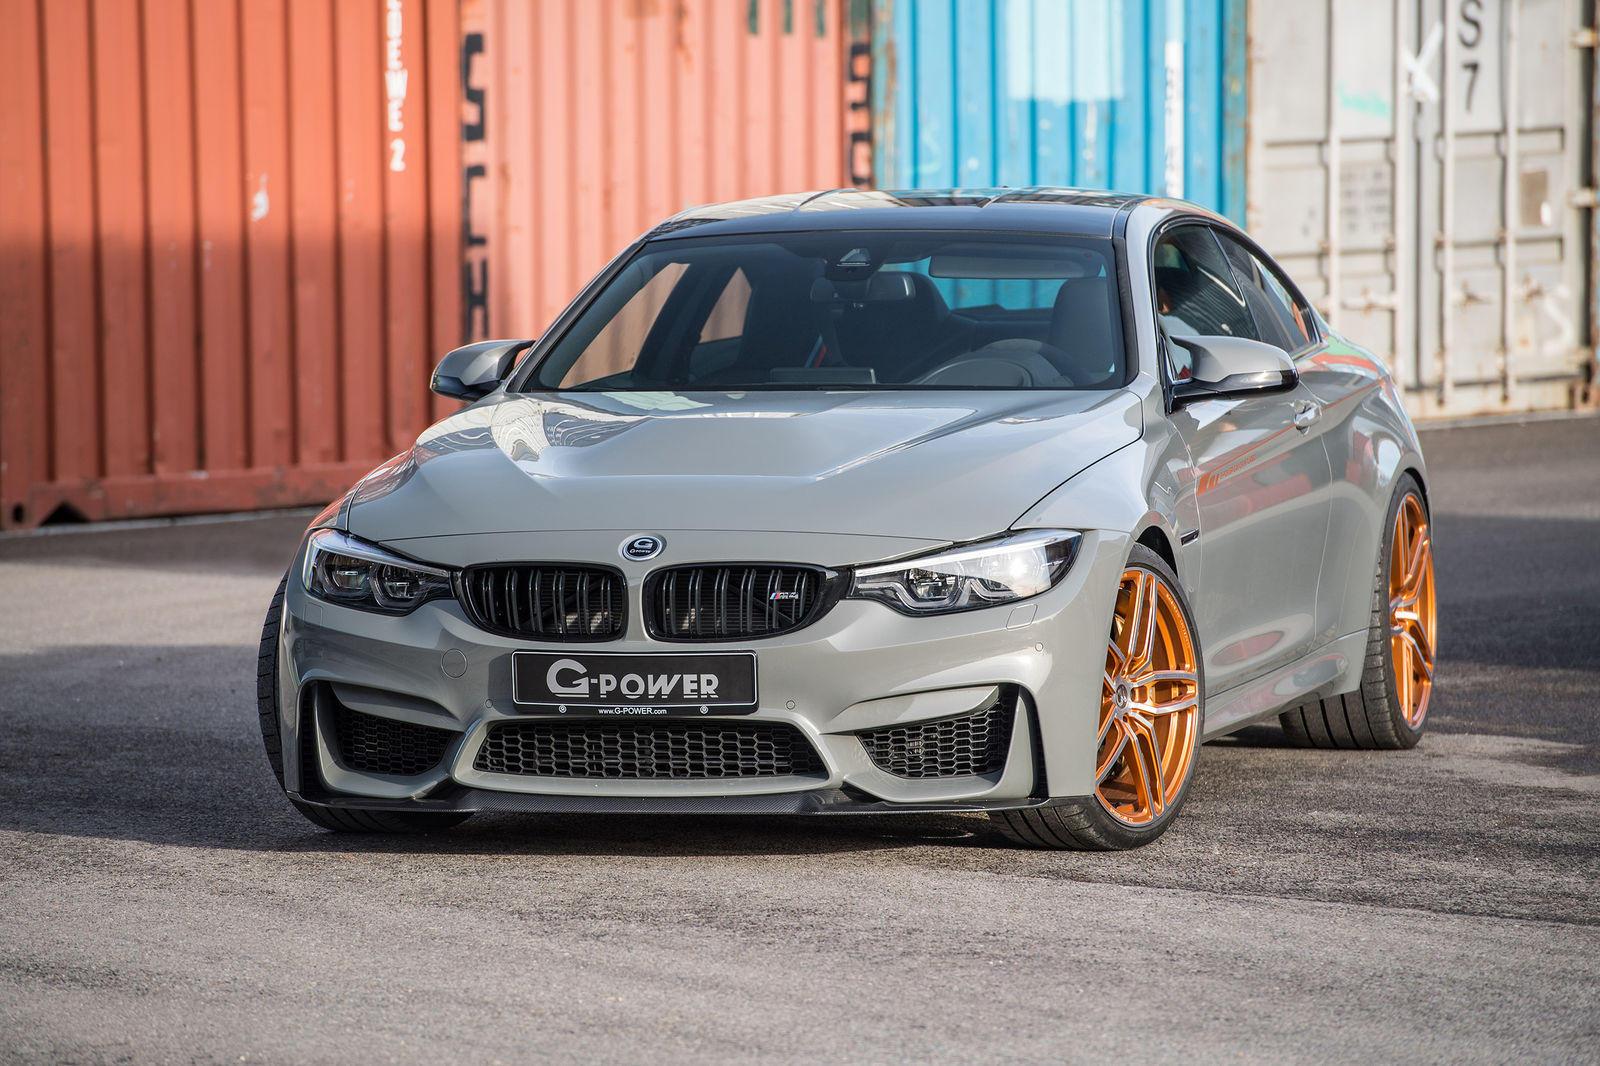 BMW M4 CS by G-Power - BMW M4 CS by G-Power